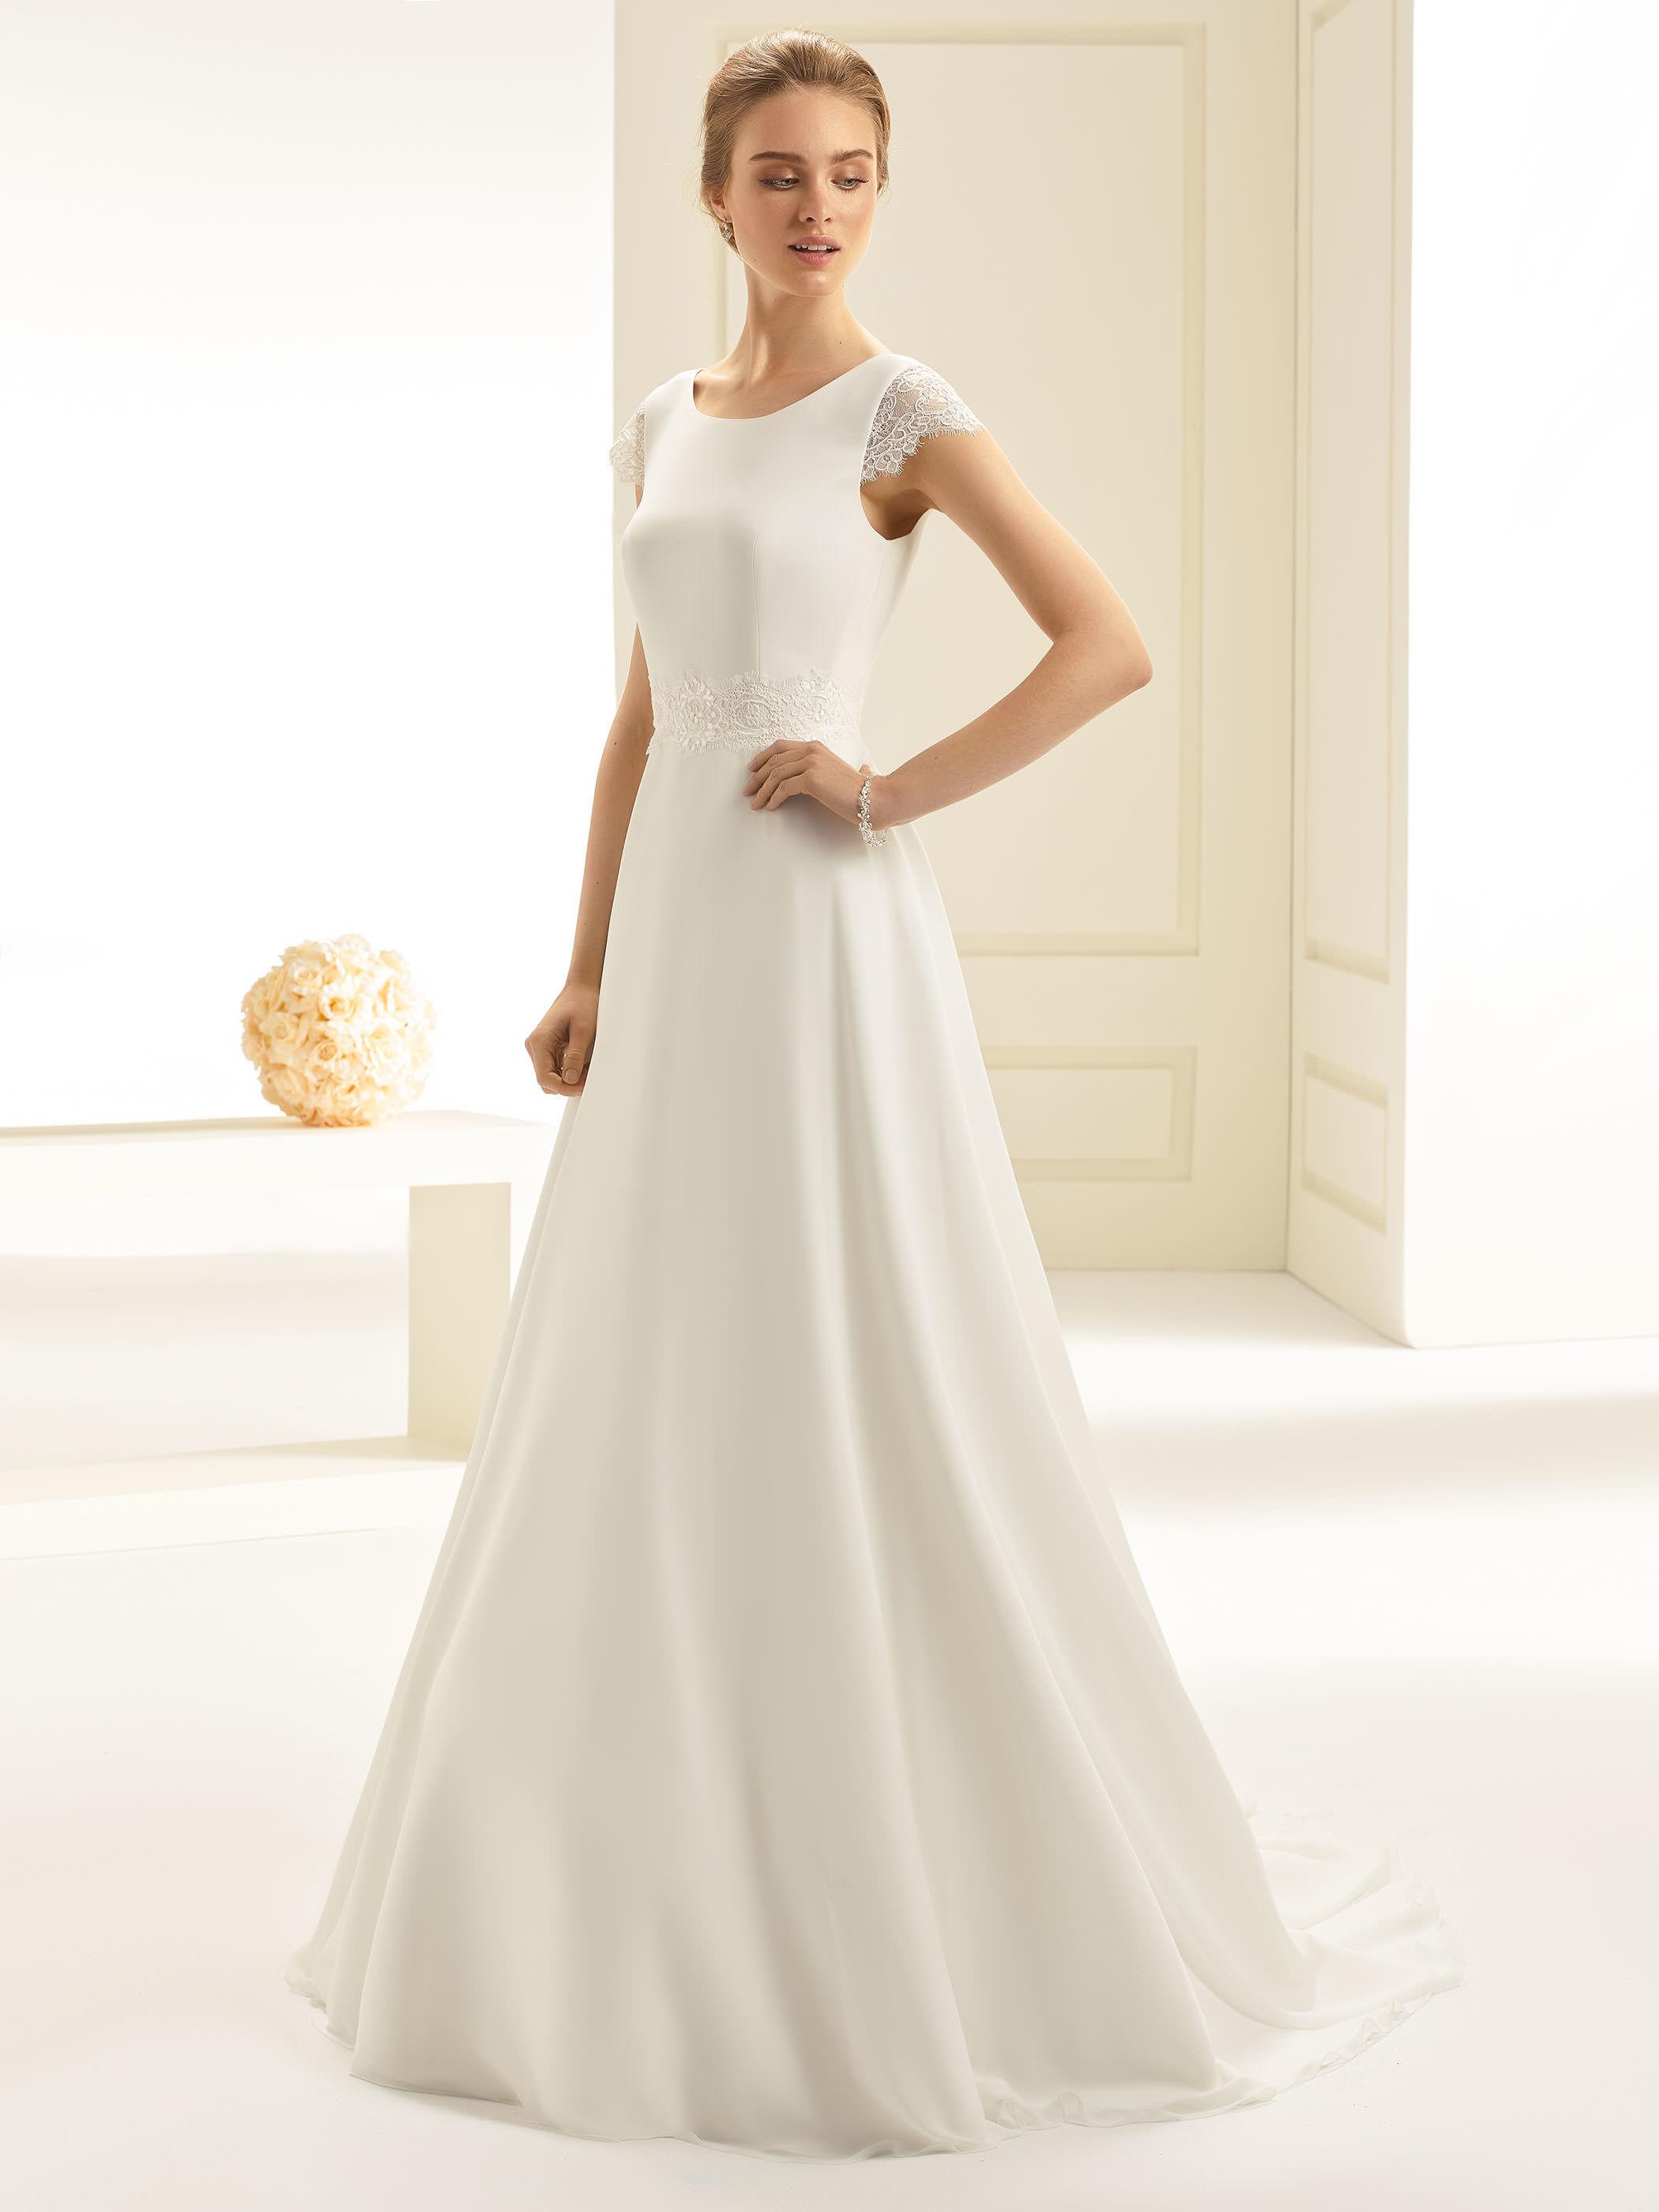 Traumhaftes Brautkleid mit V-Ausschnitt  Samyra Fashion